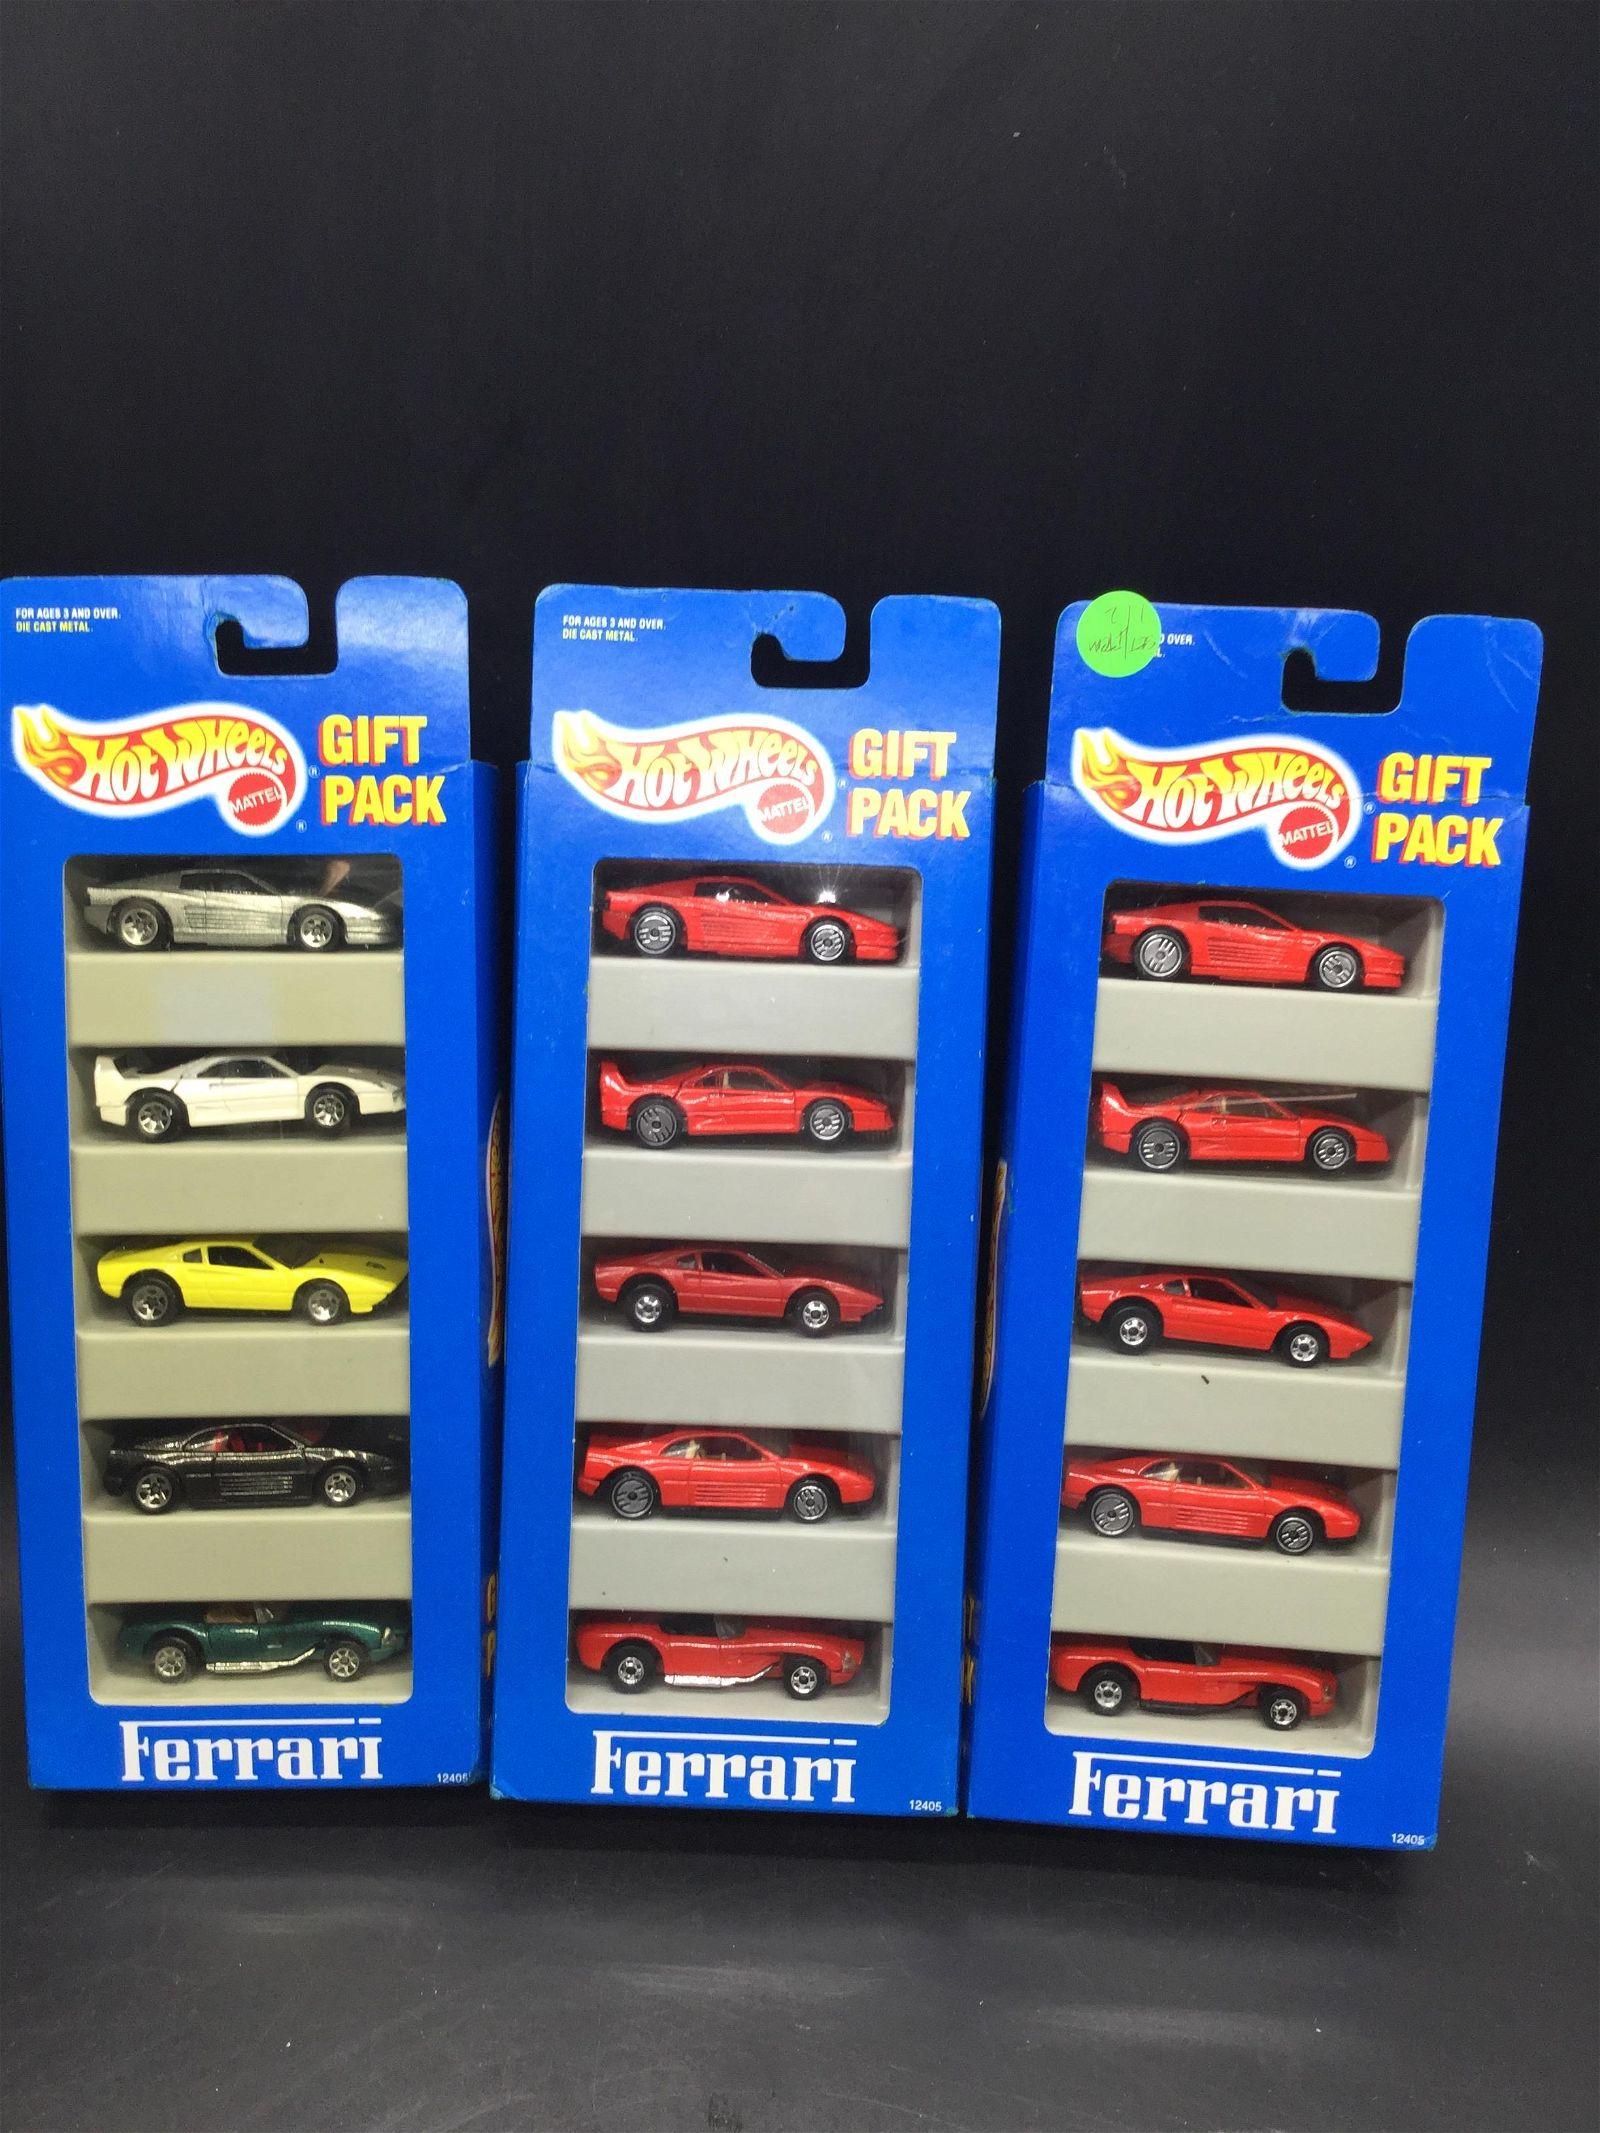 3 Hot Wheels gift packs of Ferrari